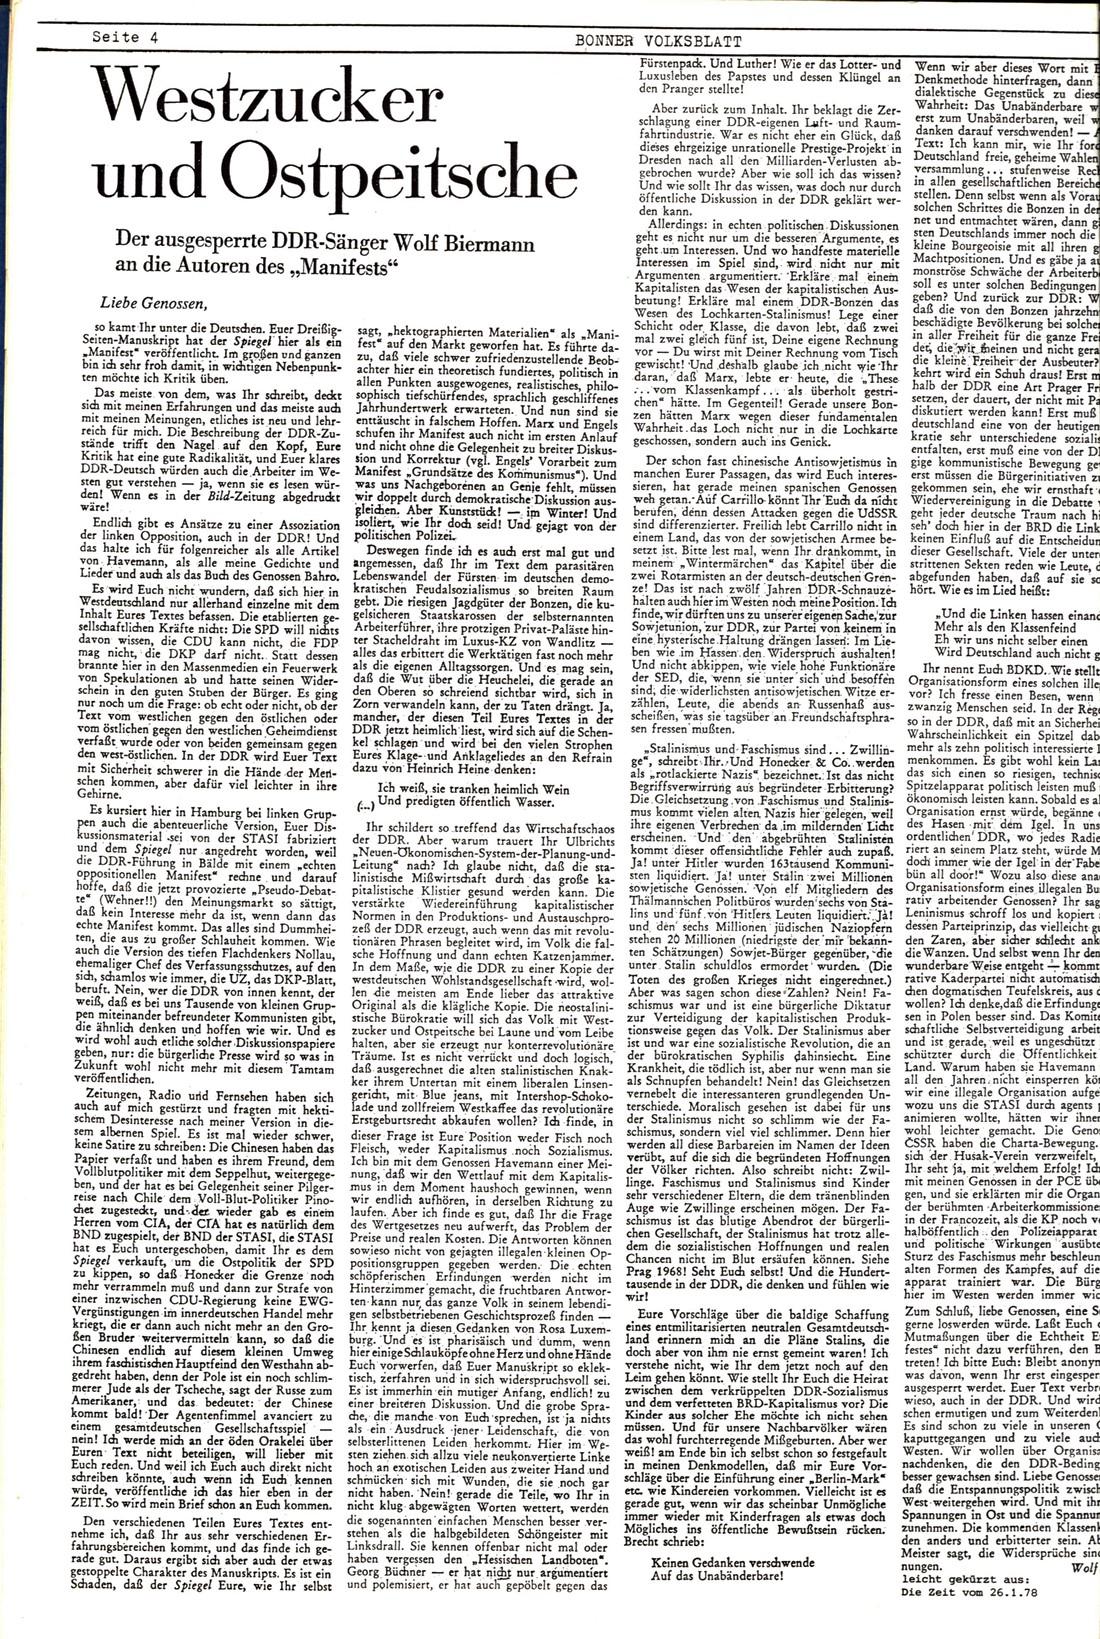 Bonner_Volksblatt_09_19780131_04